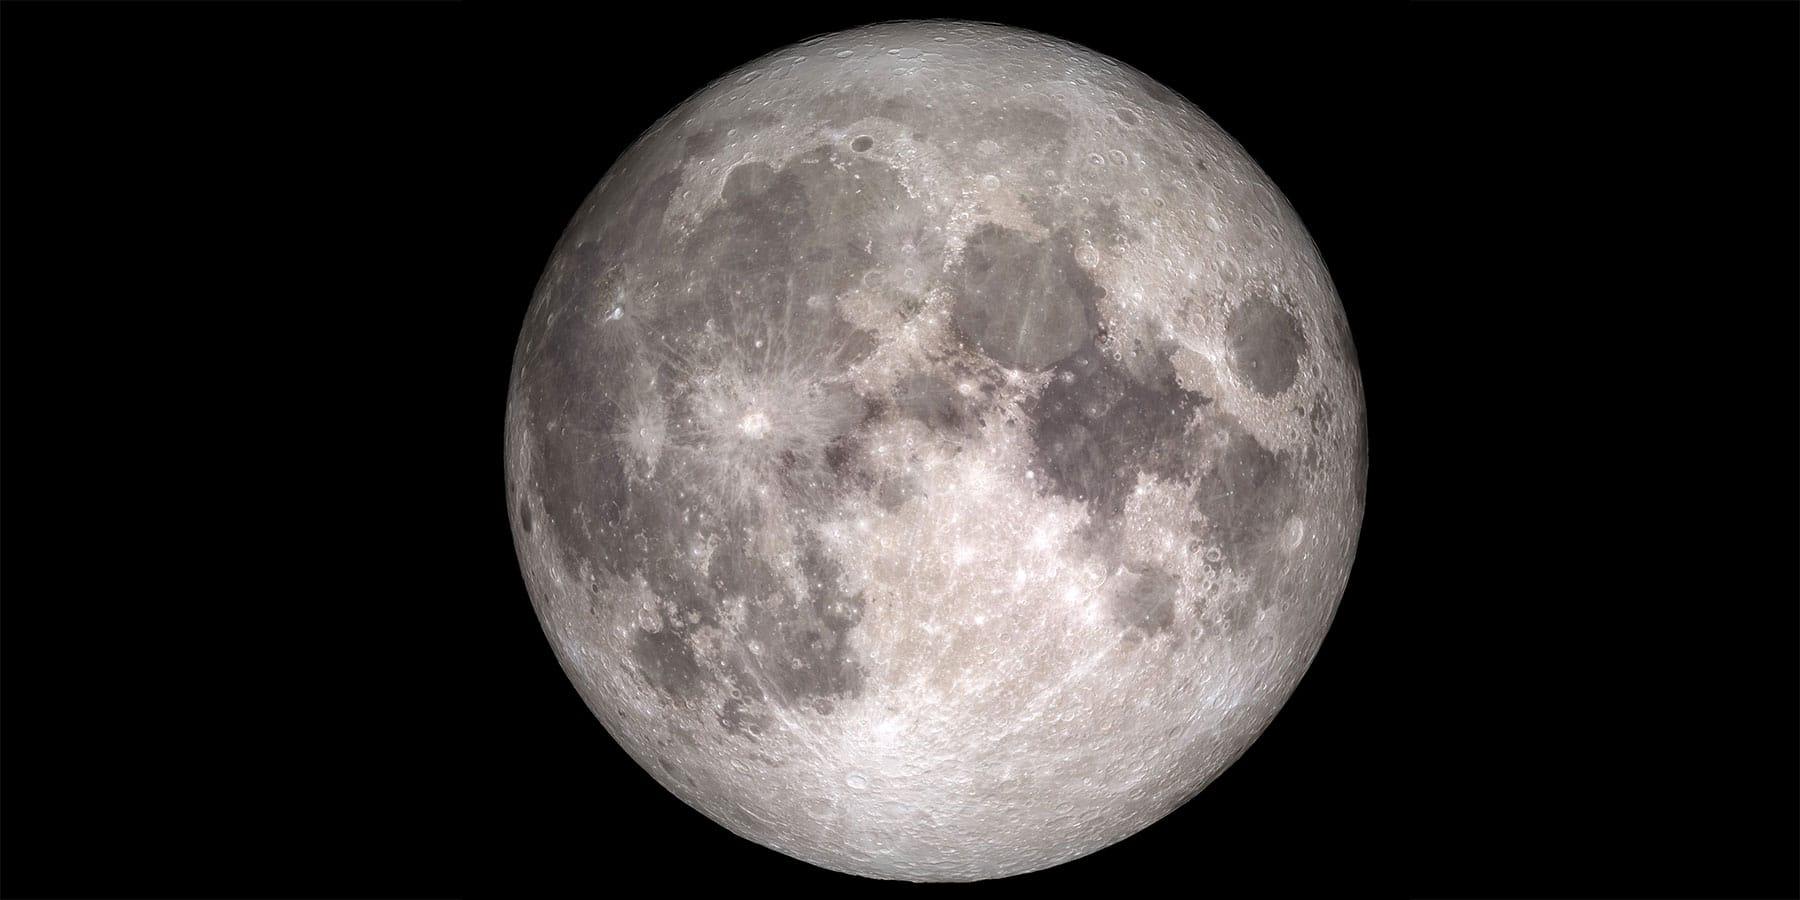 The Moon. Image credit: NASA.